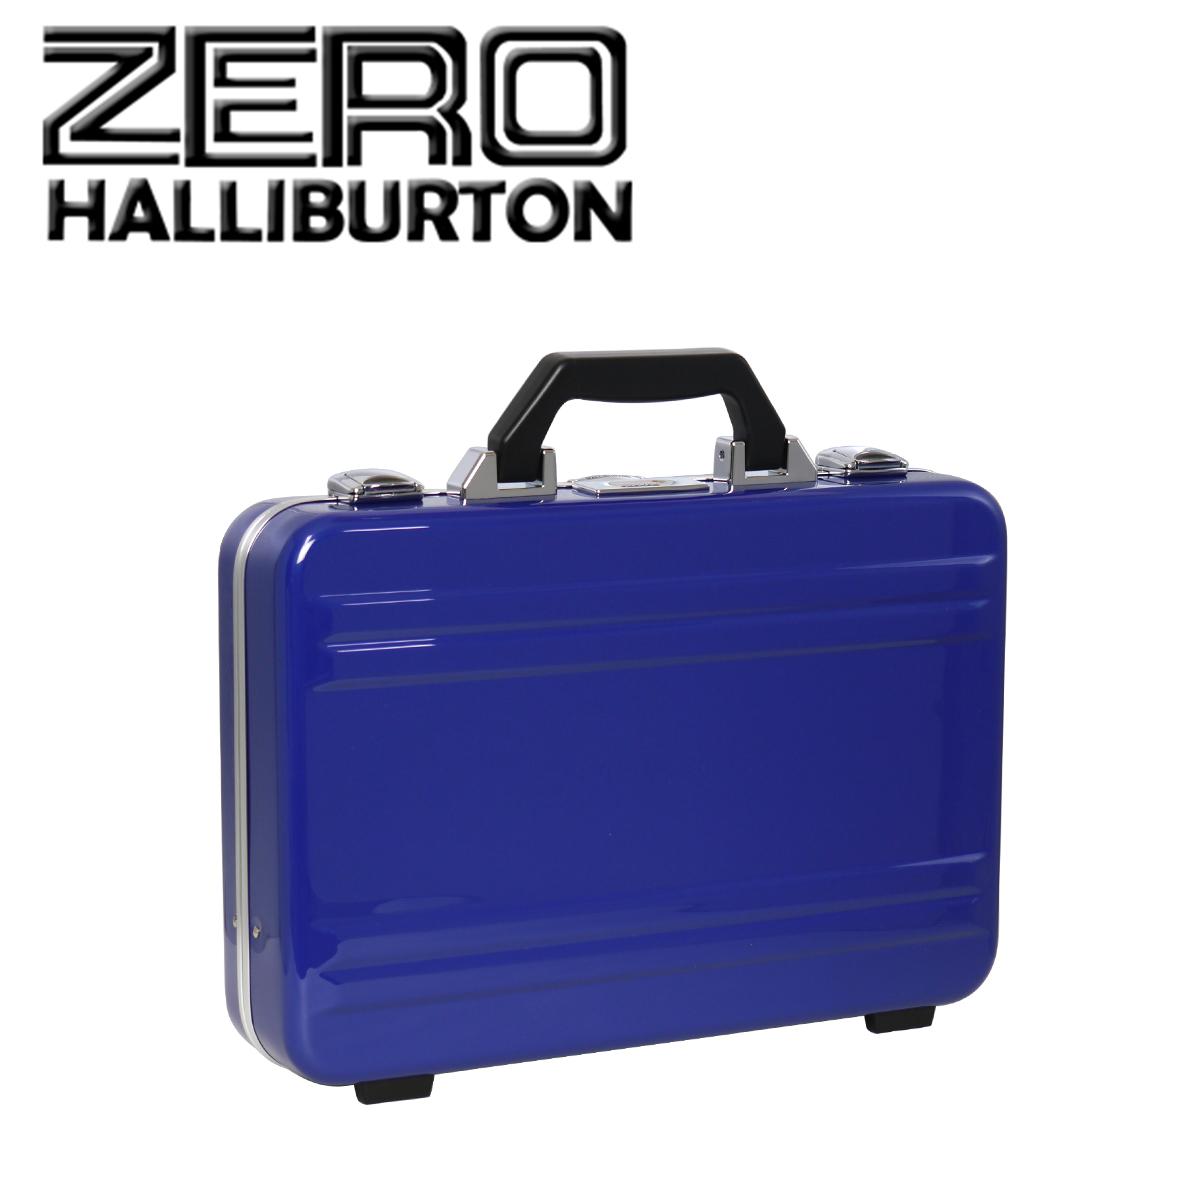 ゼロハリバートン アタッシュケース/スーツケース ポリカーボネート CLASSIC POLYCARBONATE 2.0 ATTACHE Small Framed ブルー